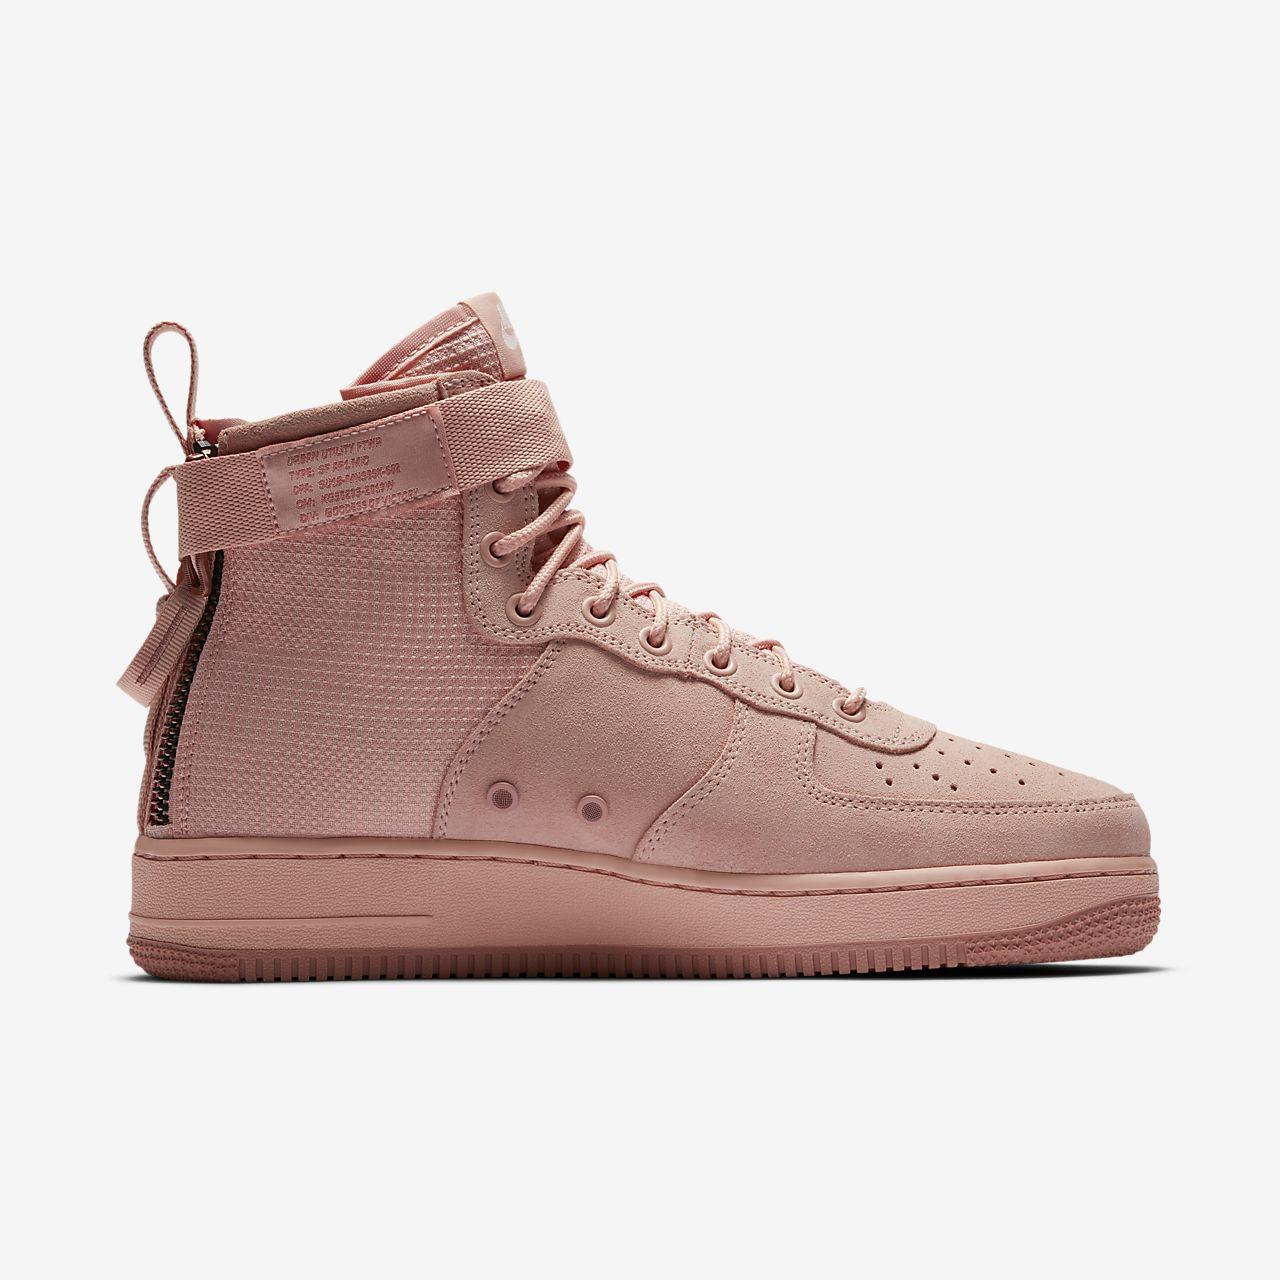 Sf Air Force 1 Chaussures En Daim Nike NNQPl5